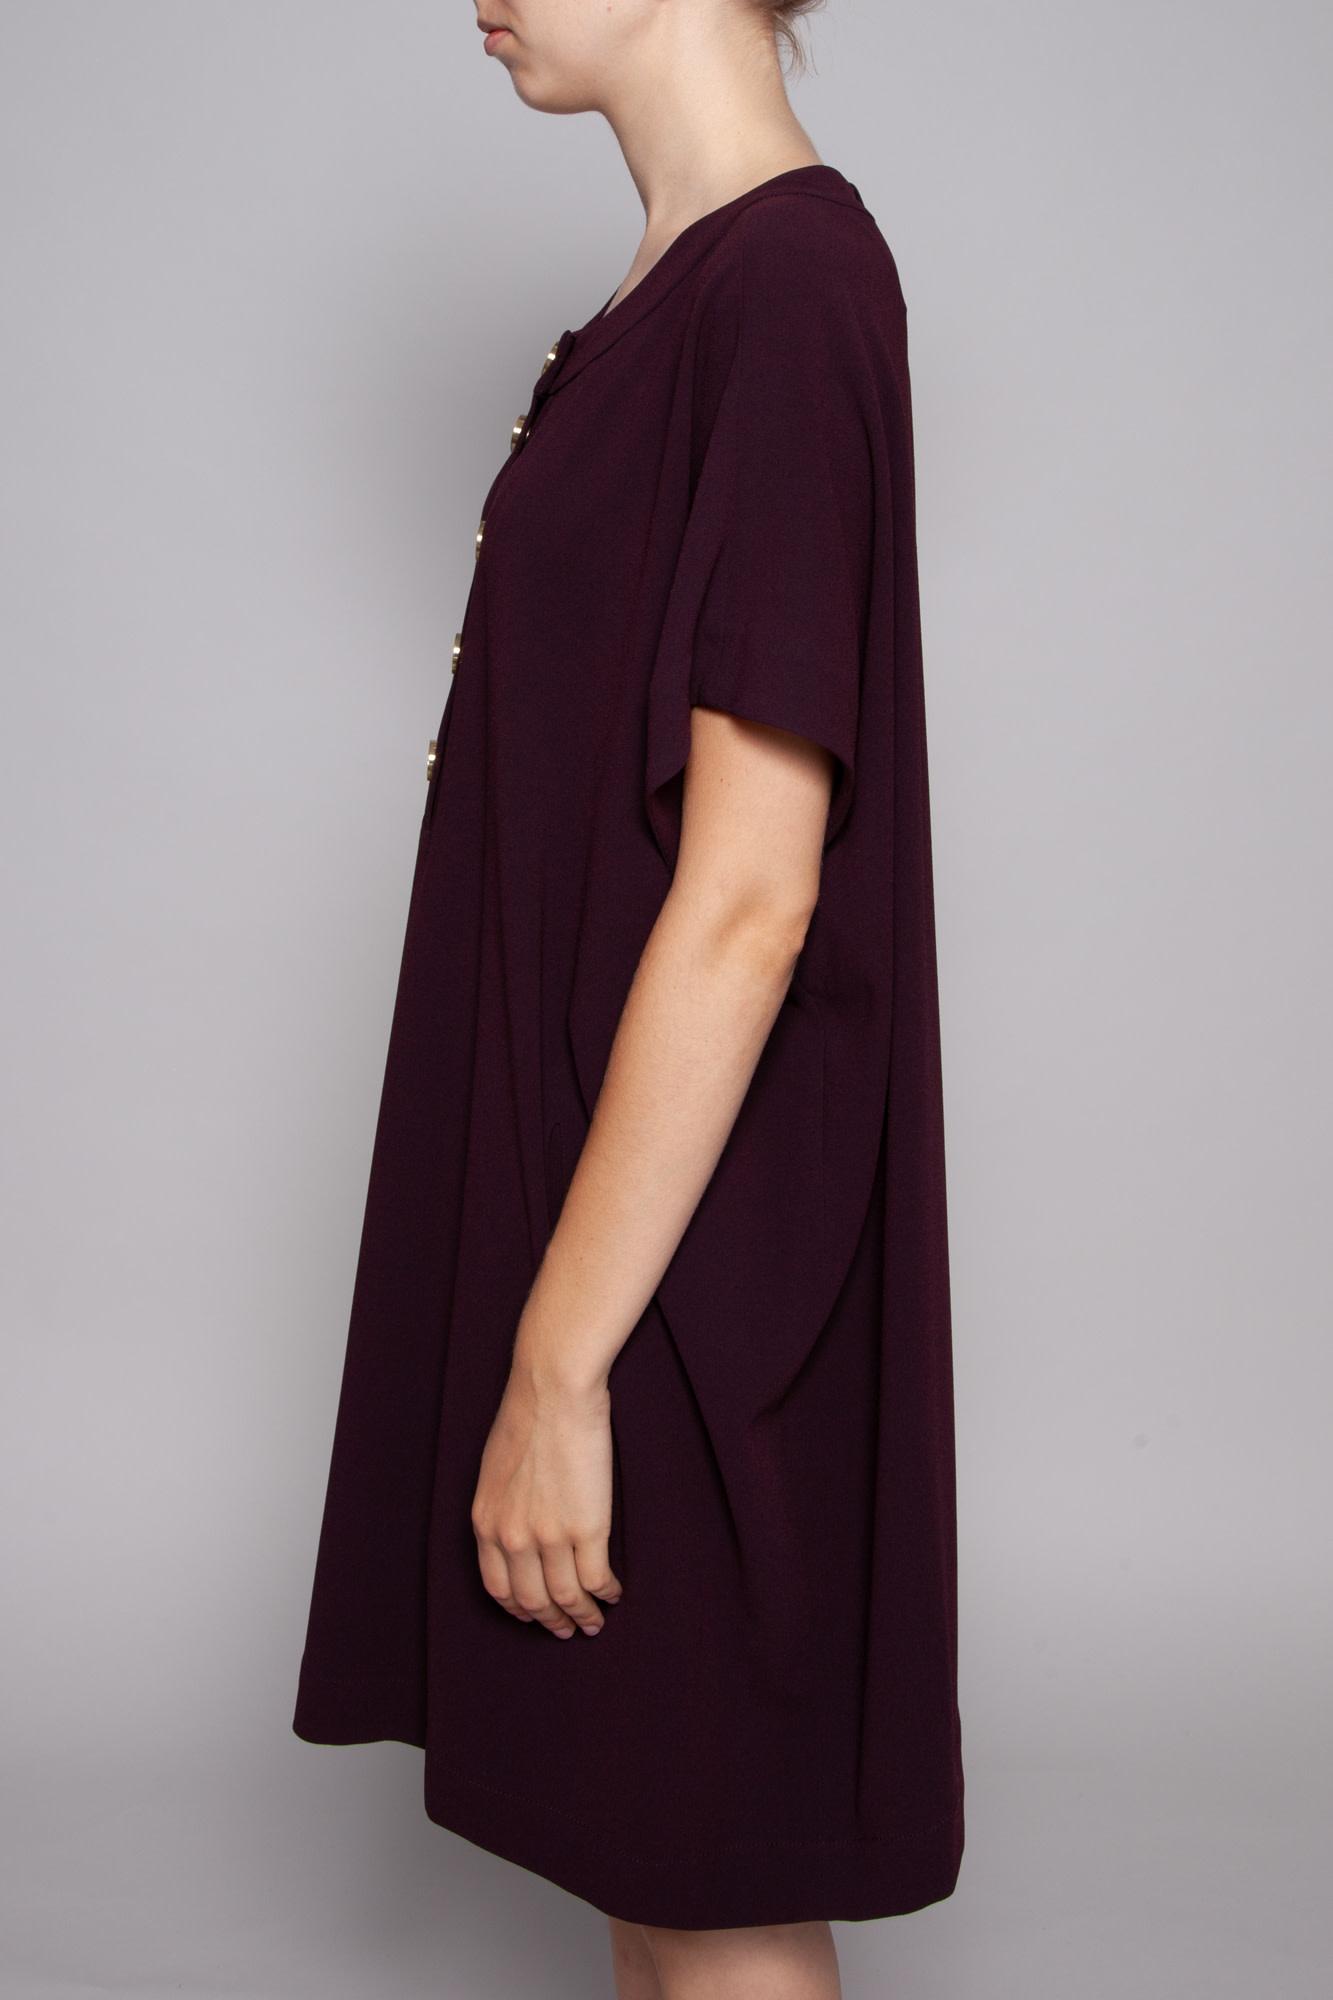 Diane von Furstenberg BURGUNDY LOOSE DRESS WITH GOLDEN BUTTONS (SIZE L)